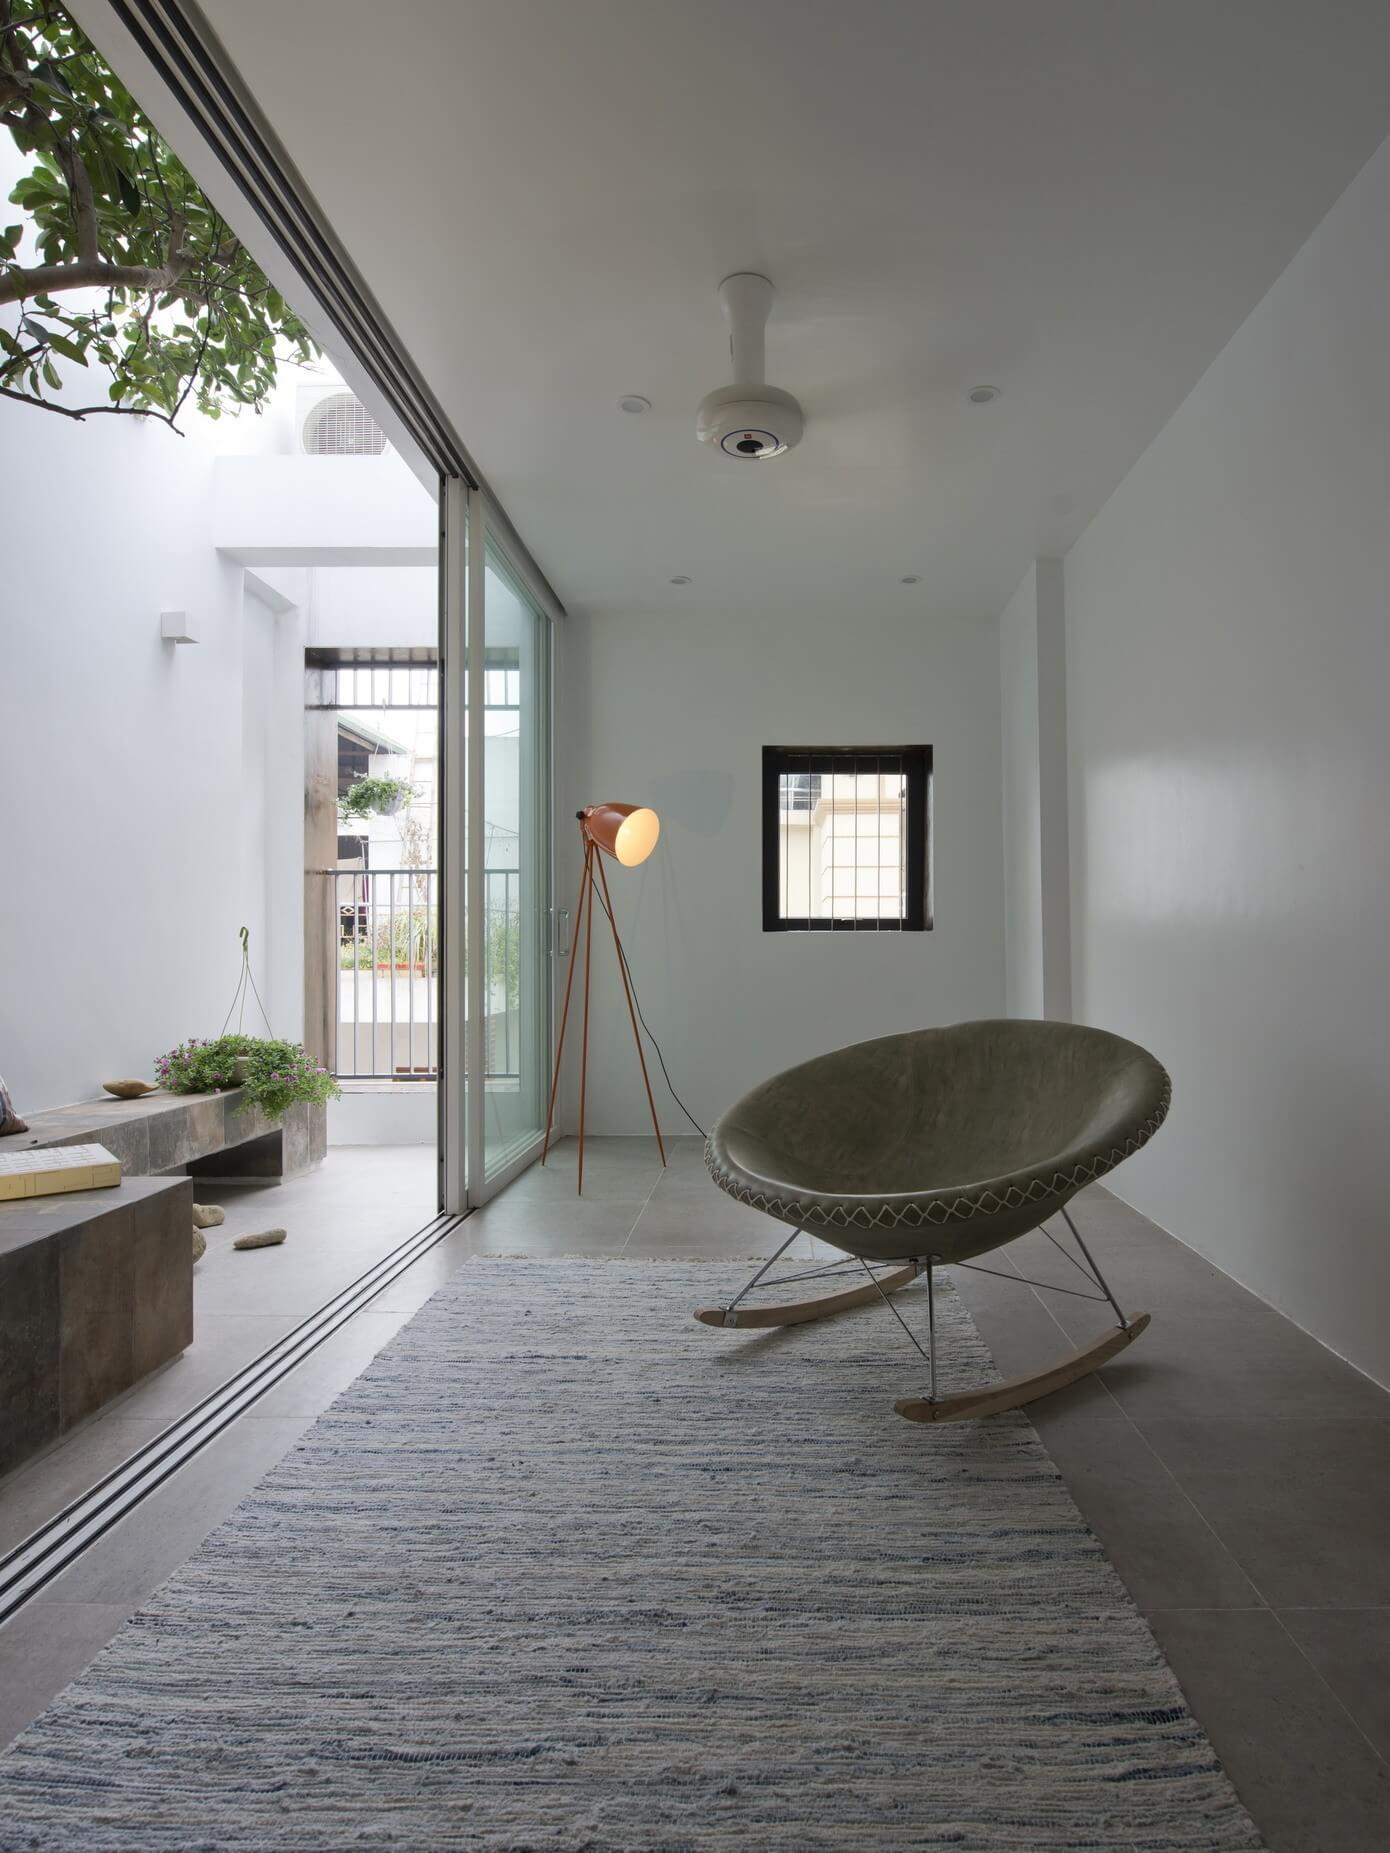 patio-balkon-inrichten-als-klein-tuintje-3